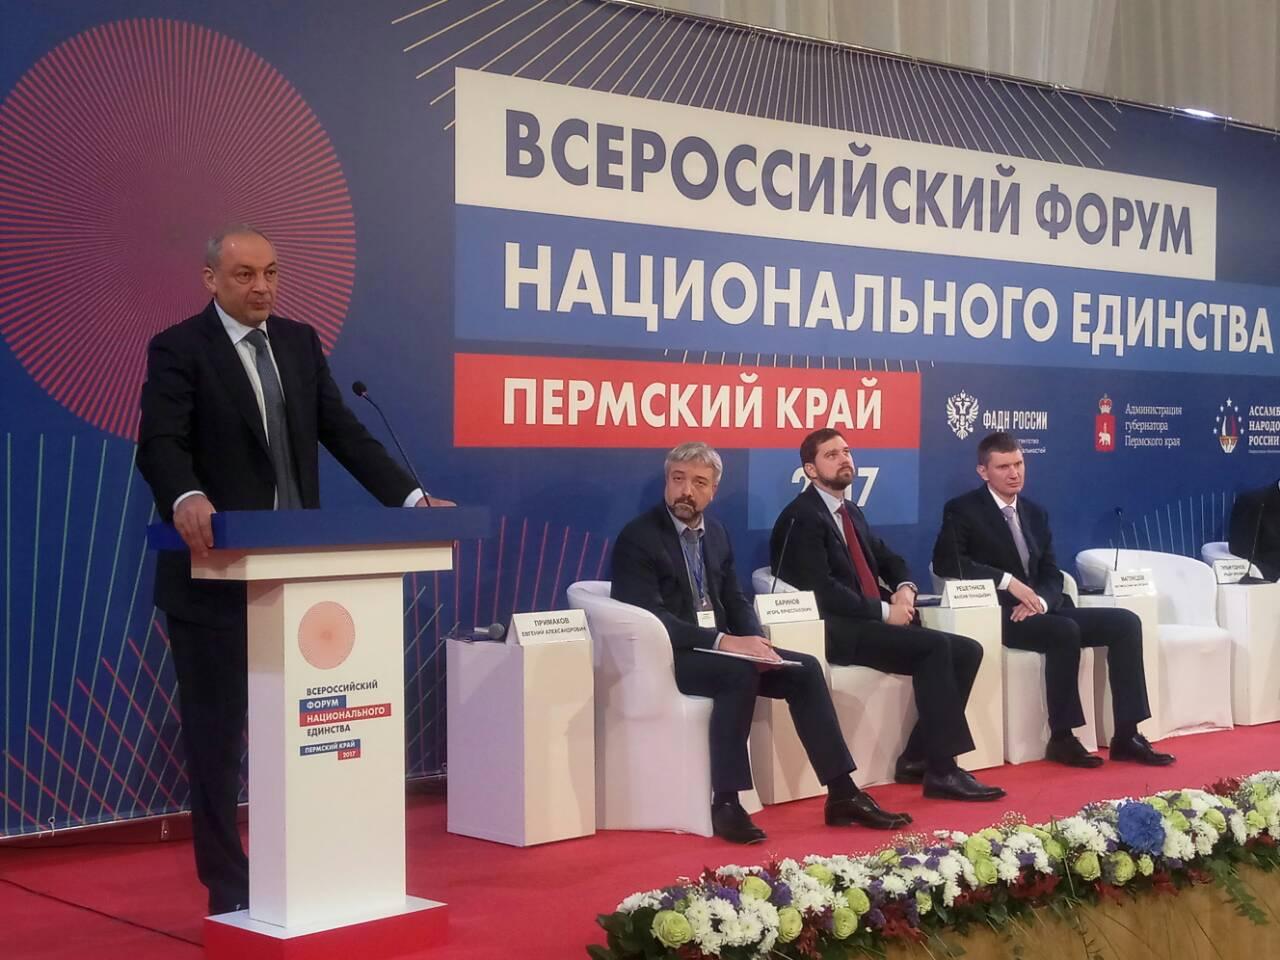 Пермь проведет Всероссийский форум государственного единства